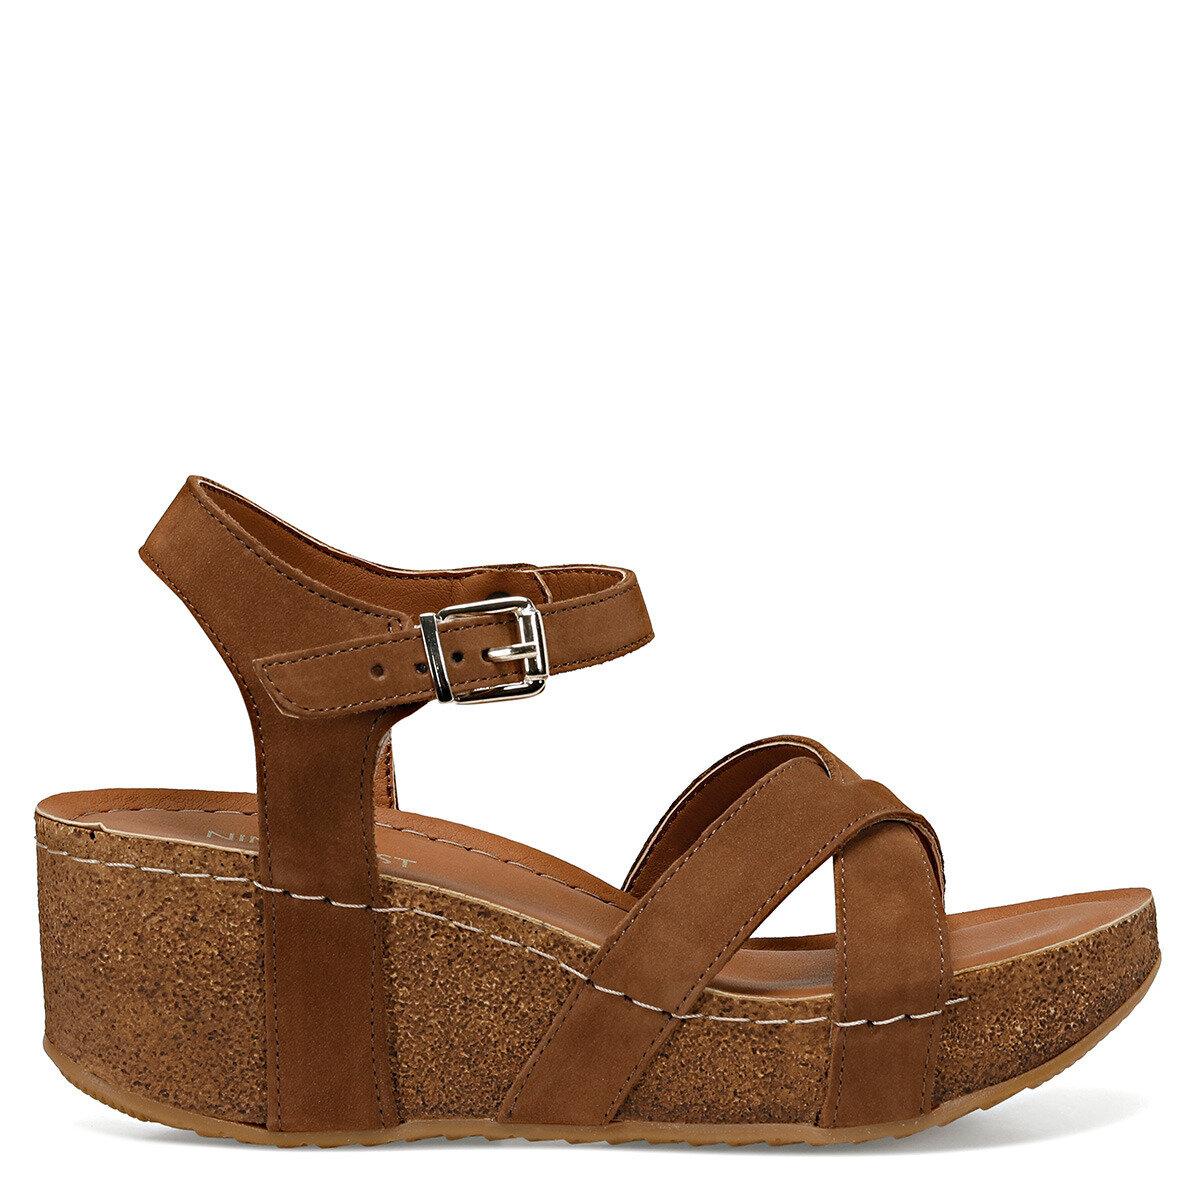 GOYARD Taba Kadın Dolgu Topuklu Sandalet